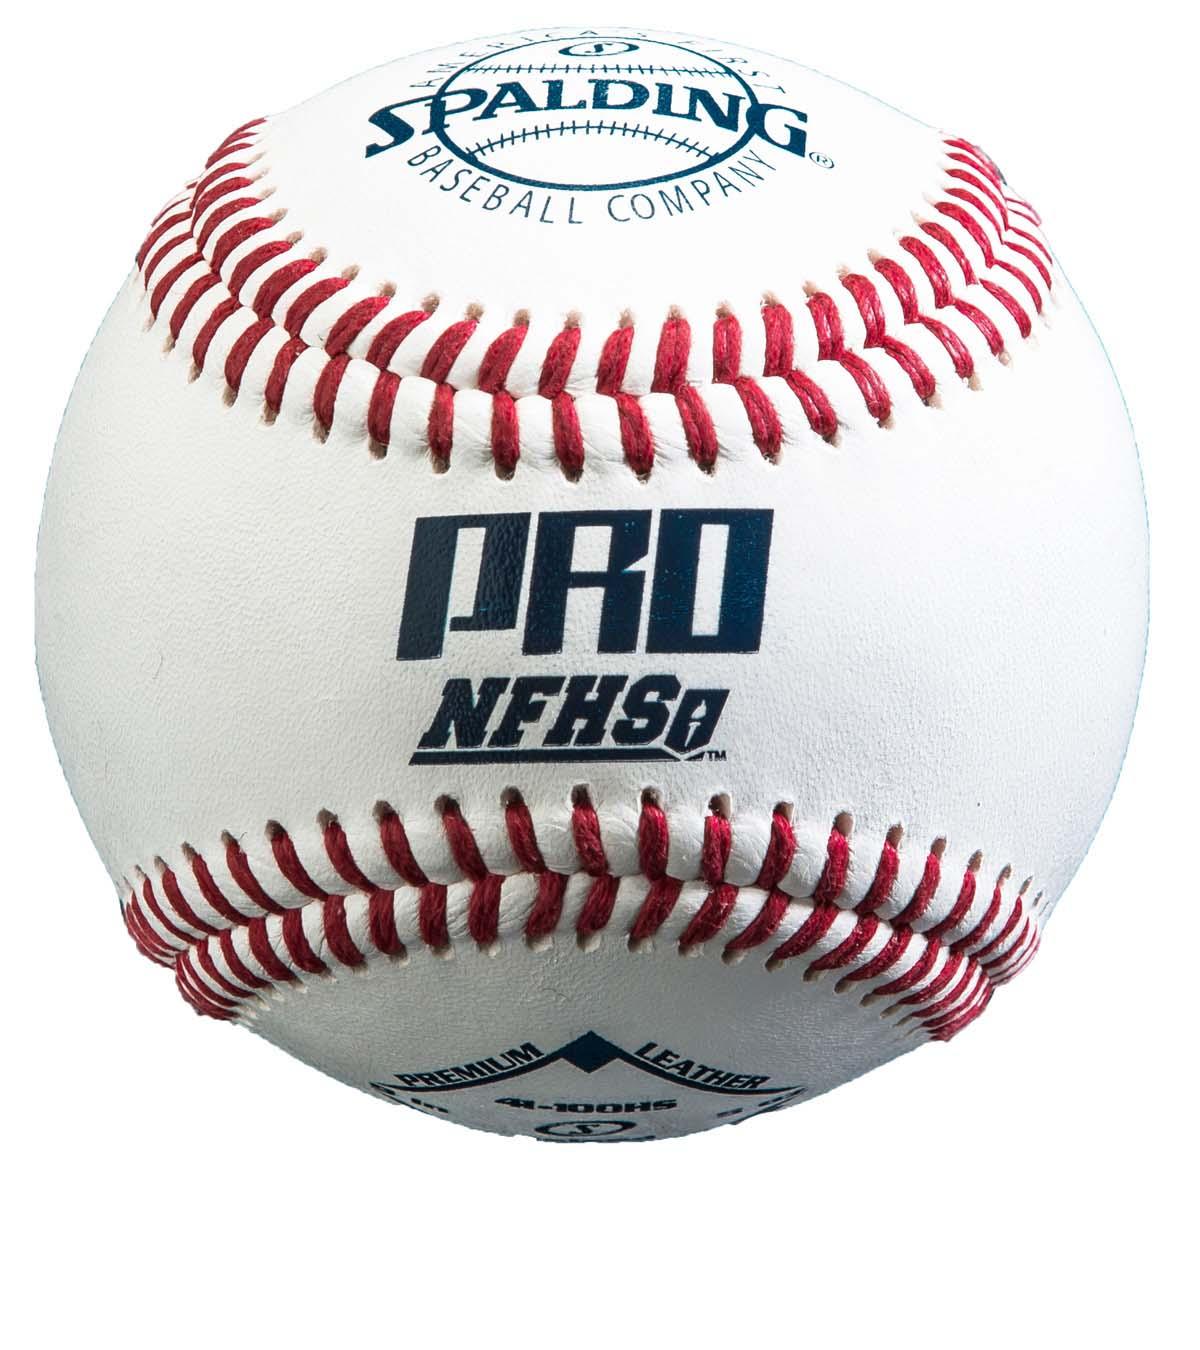 Baseball s best